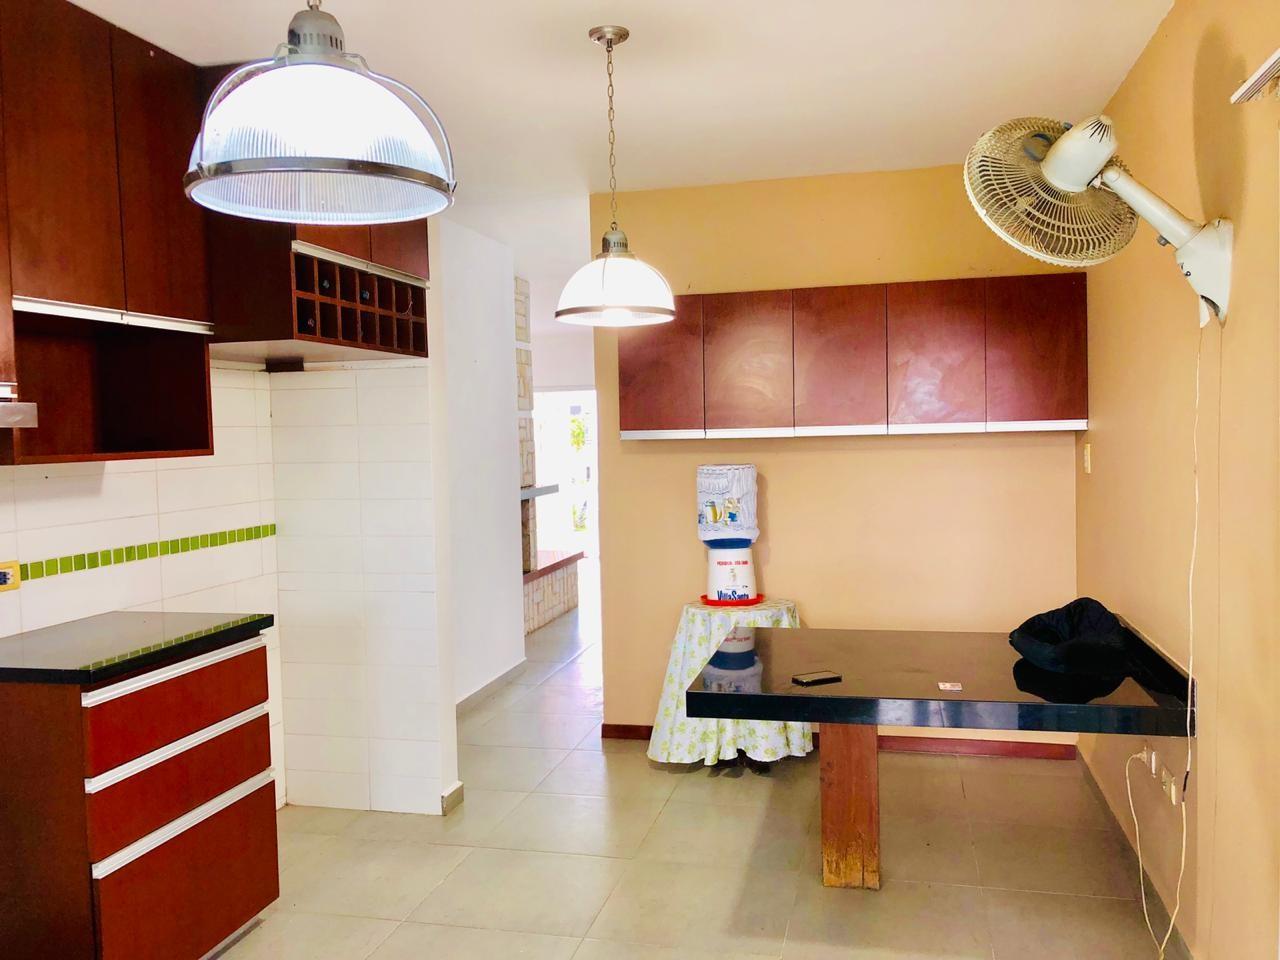 Casa en Alquiler Zona Urubo - Condominio Jardines del Urubo - lado de Restaurante Casa del Camba - a 1 minuto del Puente principal. Foto 20